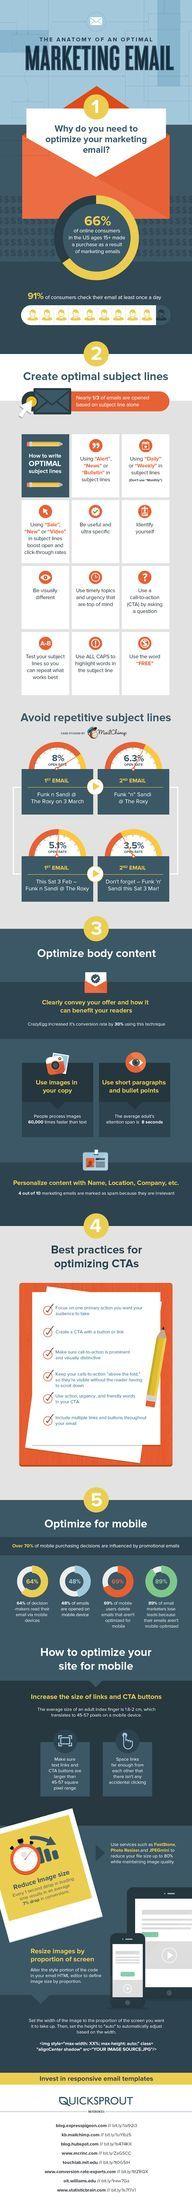 La anatomía de una estrategia de #emailmarketing perfecta, #infografía en inglés